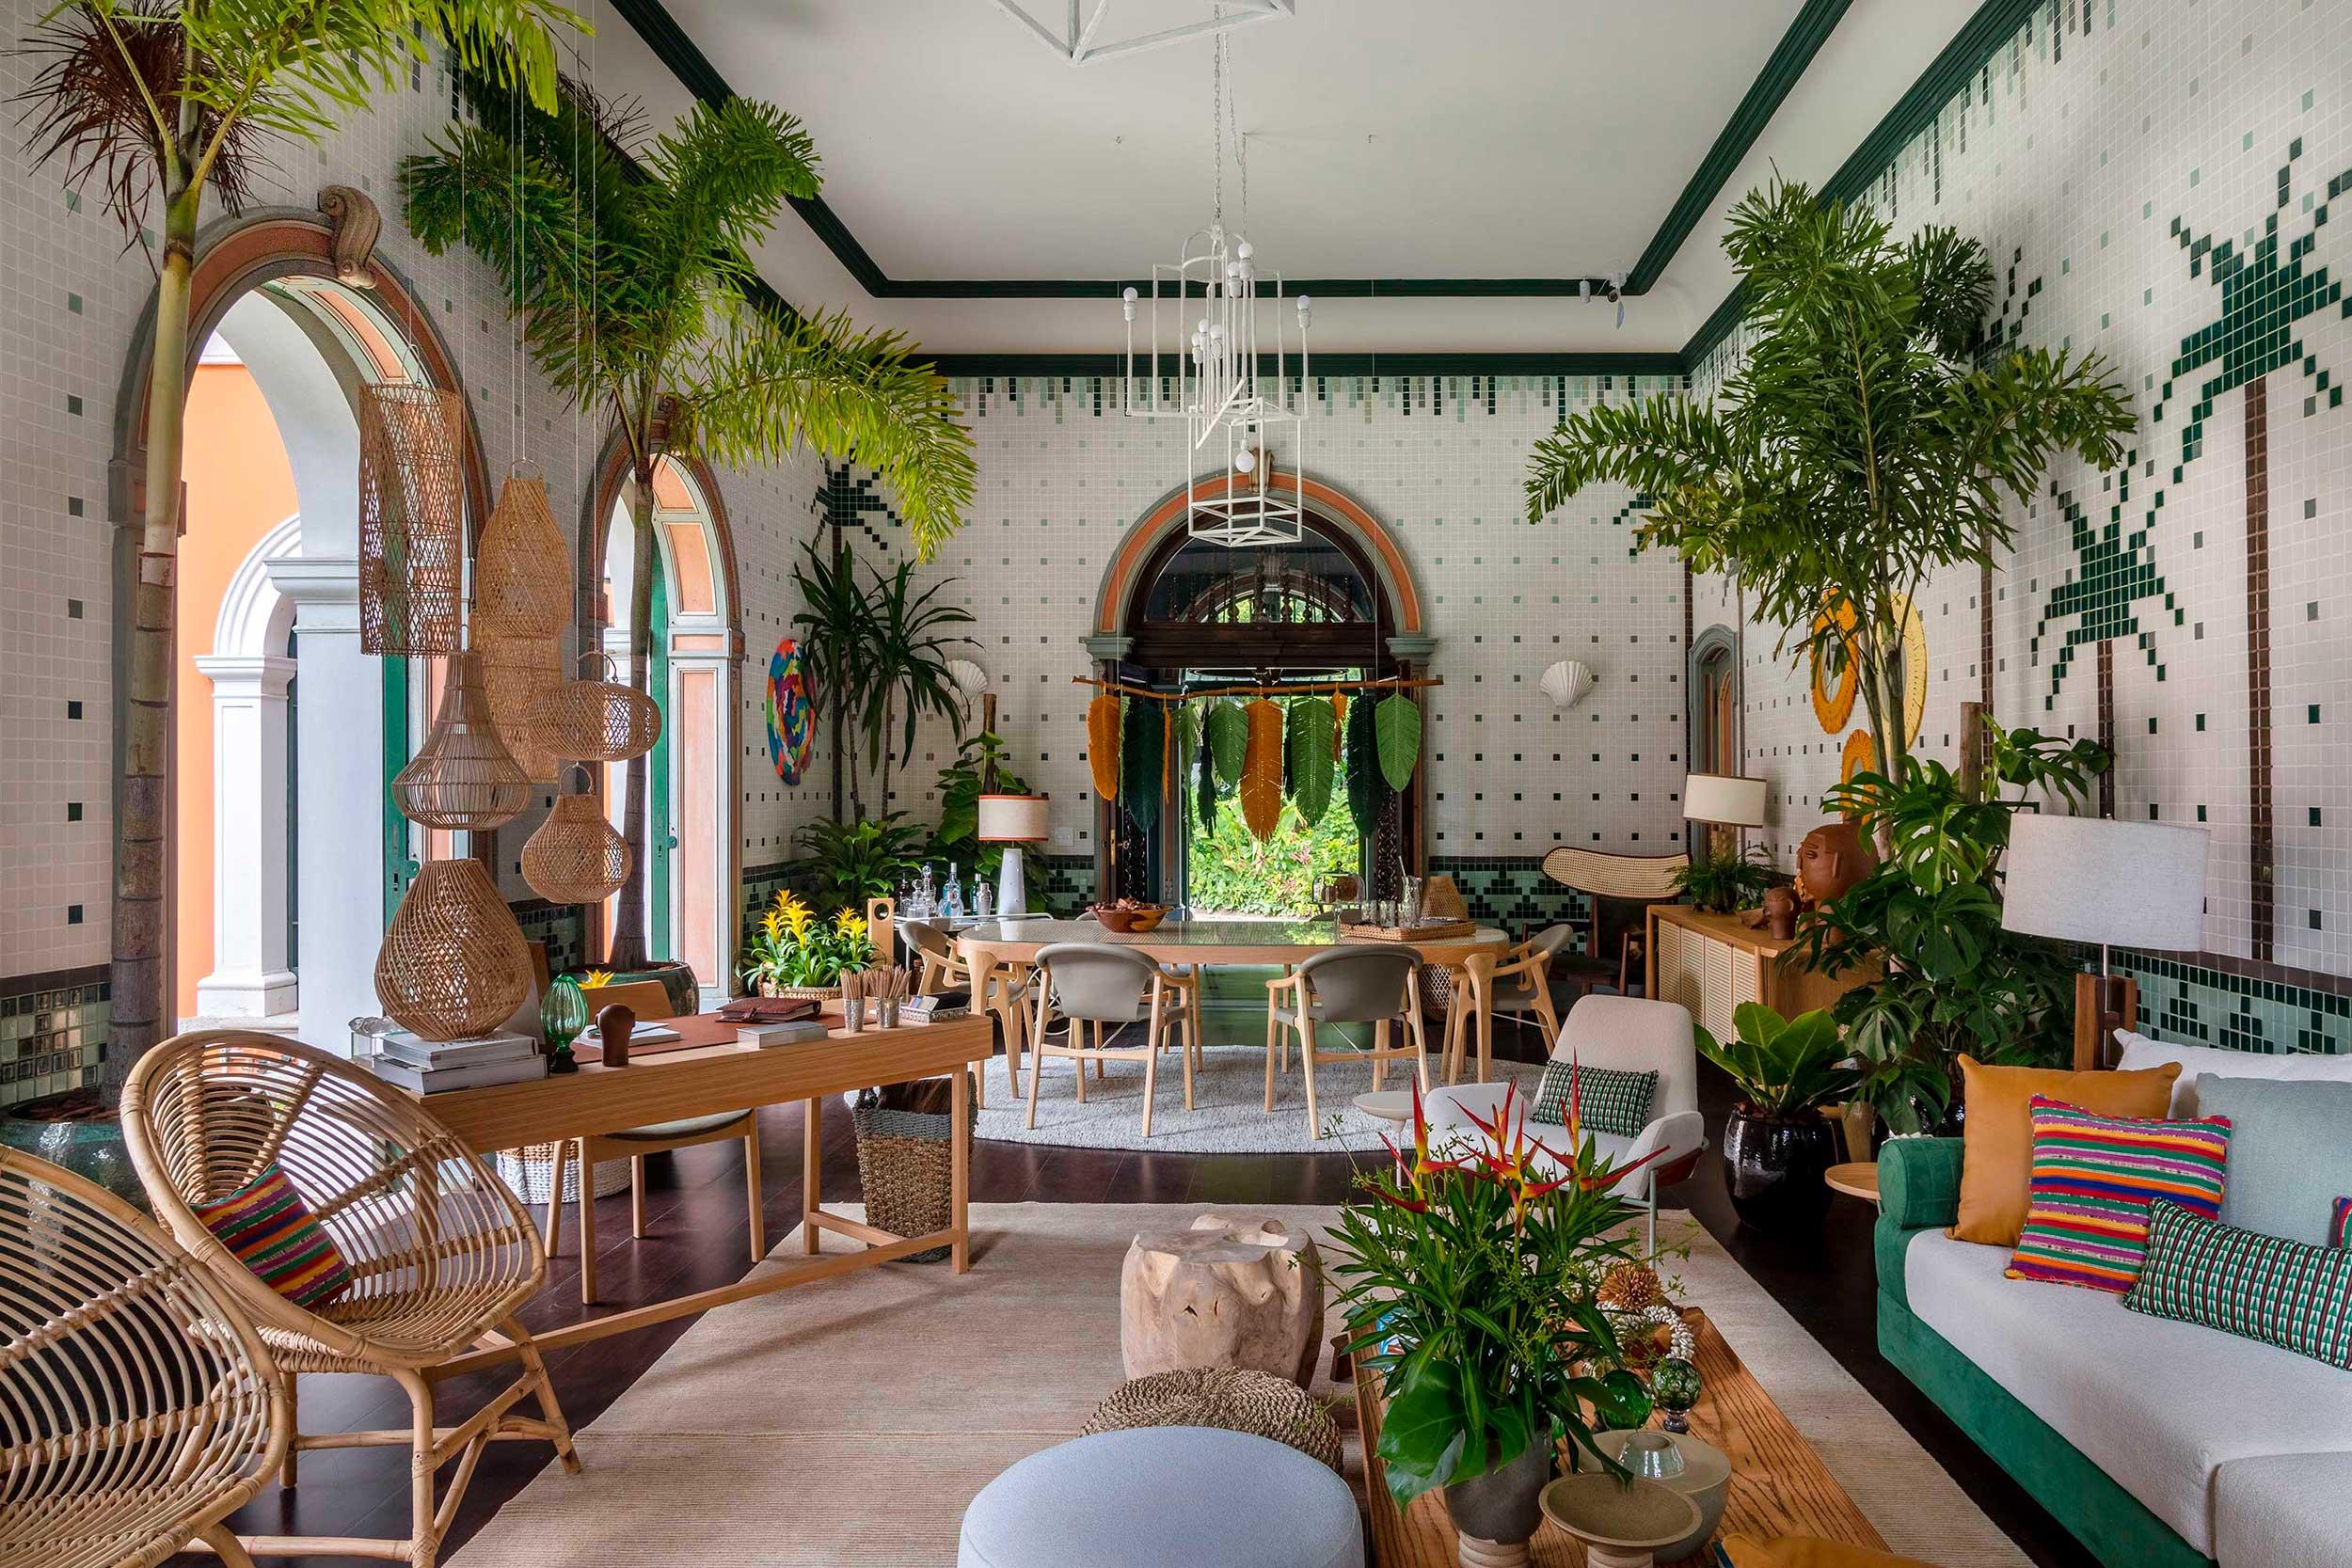 casacor rio de janeiro 2021 rj ambientes decoração arquitetura mostras jean de just jardim de inverno